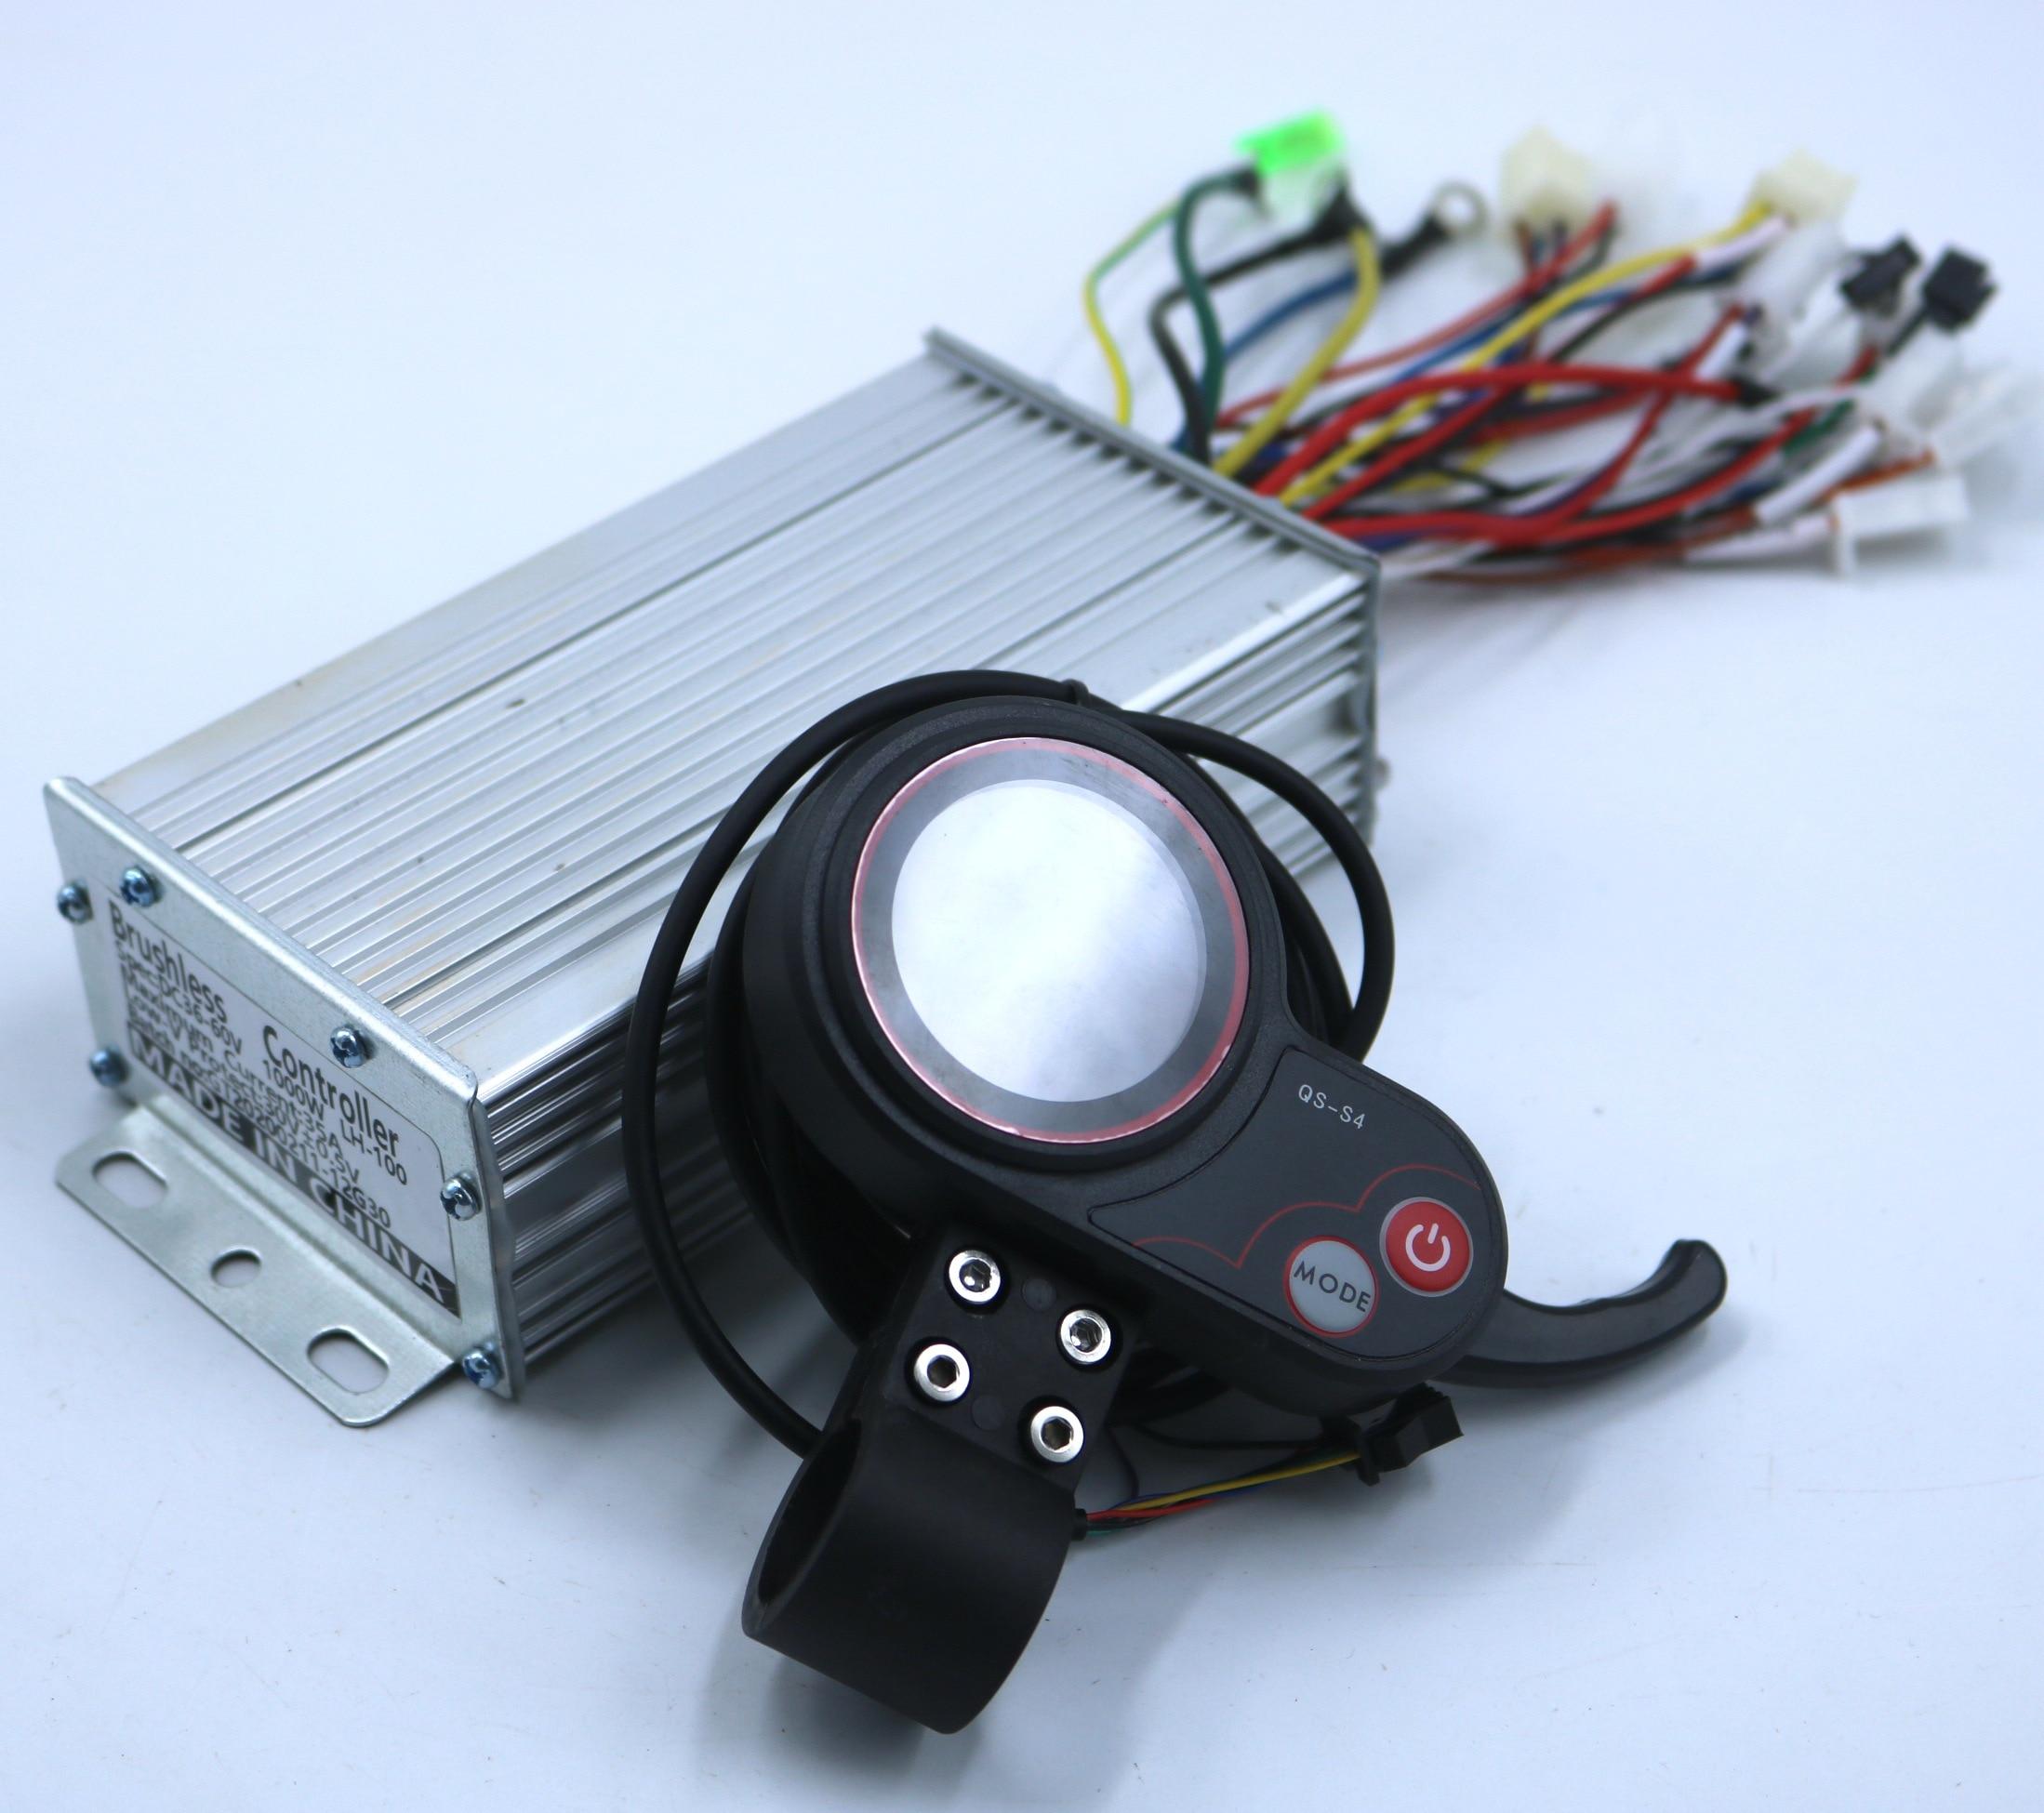 GREENTIME 36 V/48 V/60 V 800/1000W BLDC Elektrische roller controller E-bike bürstenlosen geschwindigkeit fahrer und QS-S4 LCD Display ein satz